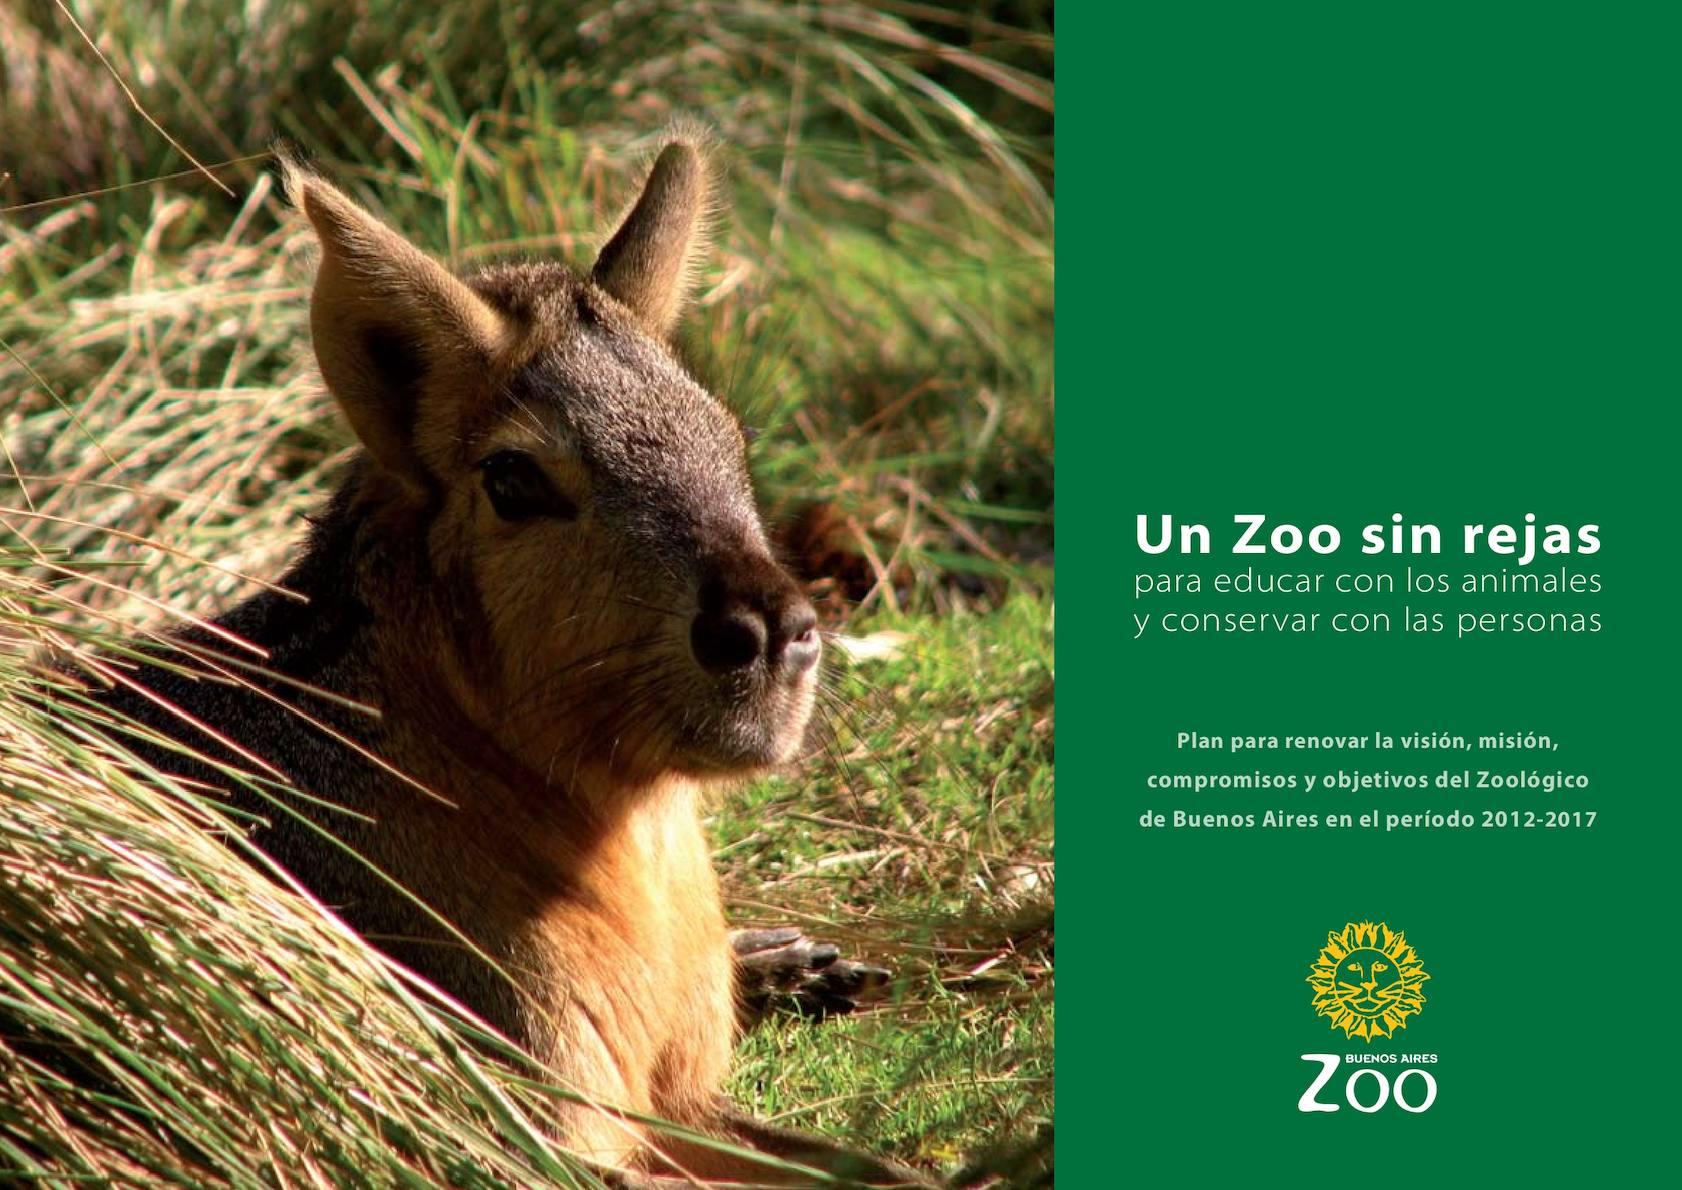 Calaméo - Zoo De Buenos Aires - Plan 2012-2017, Tomo 1